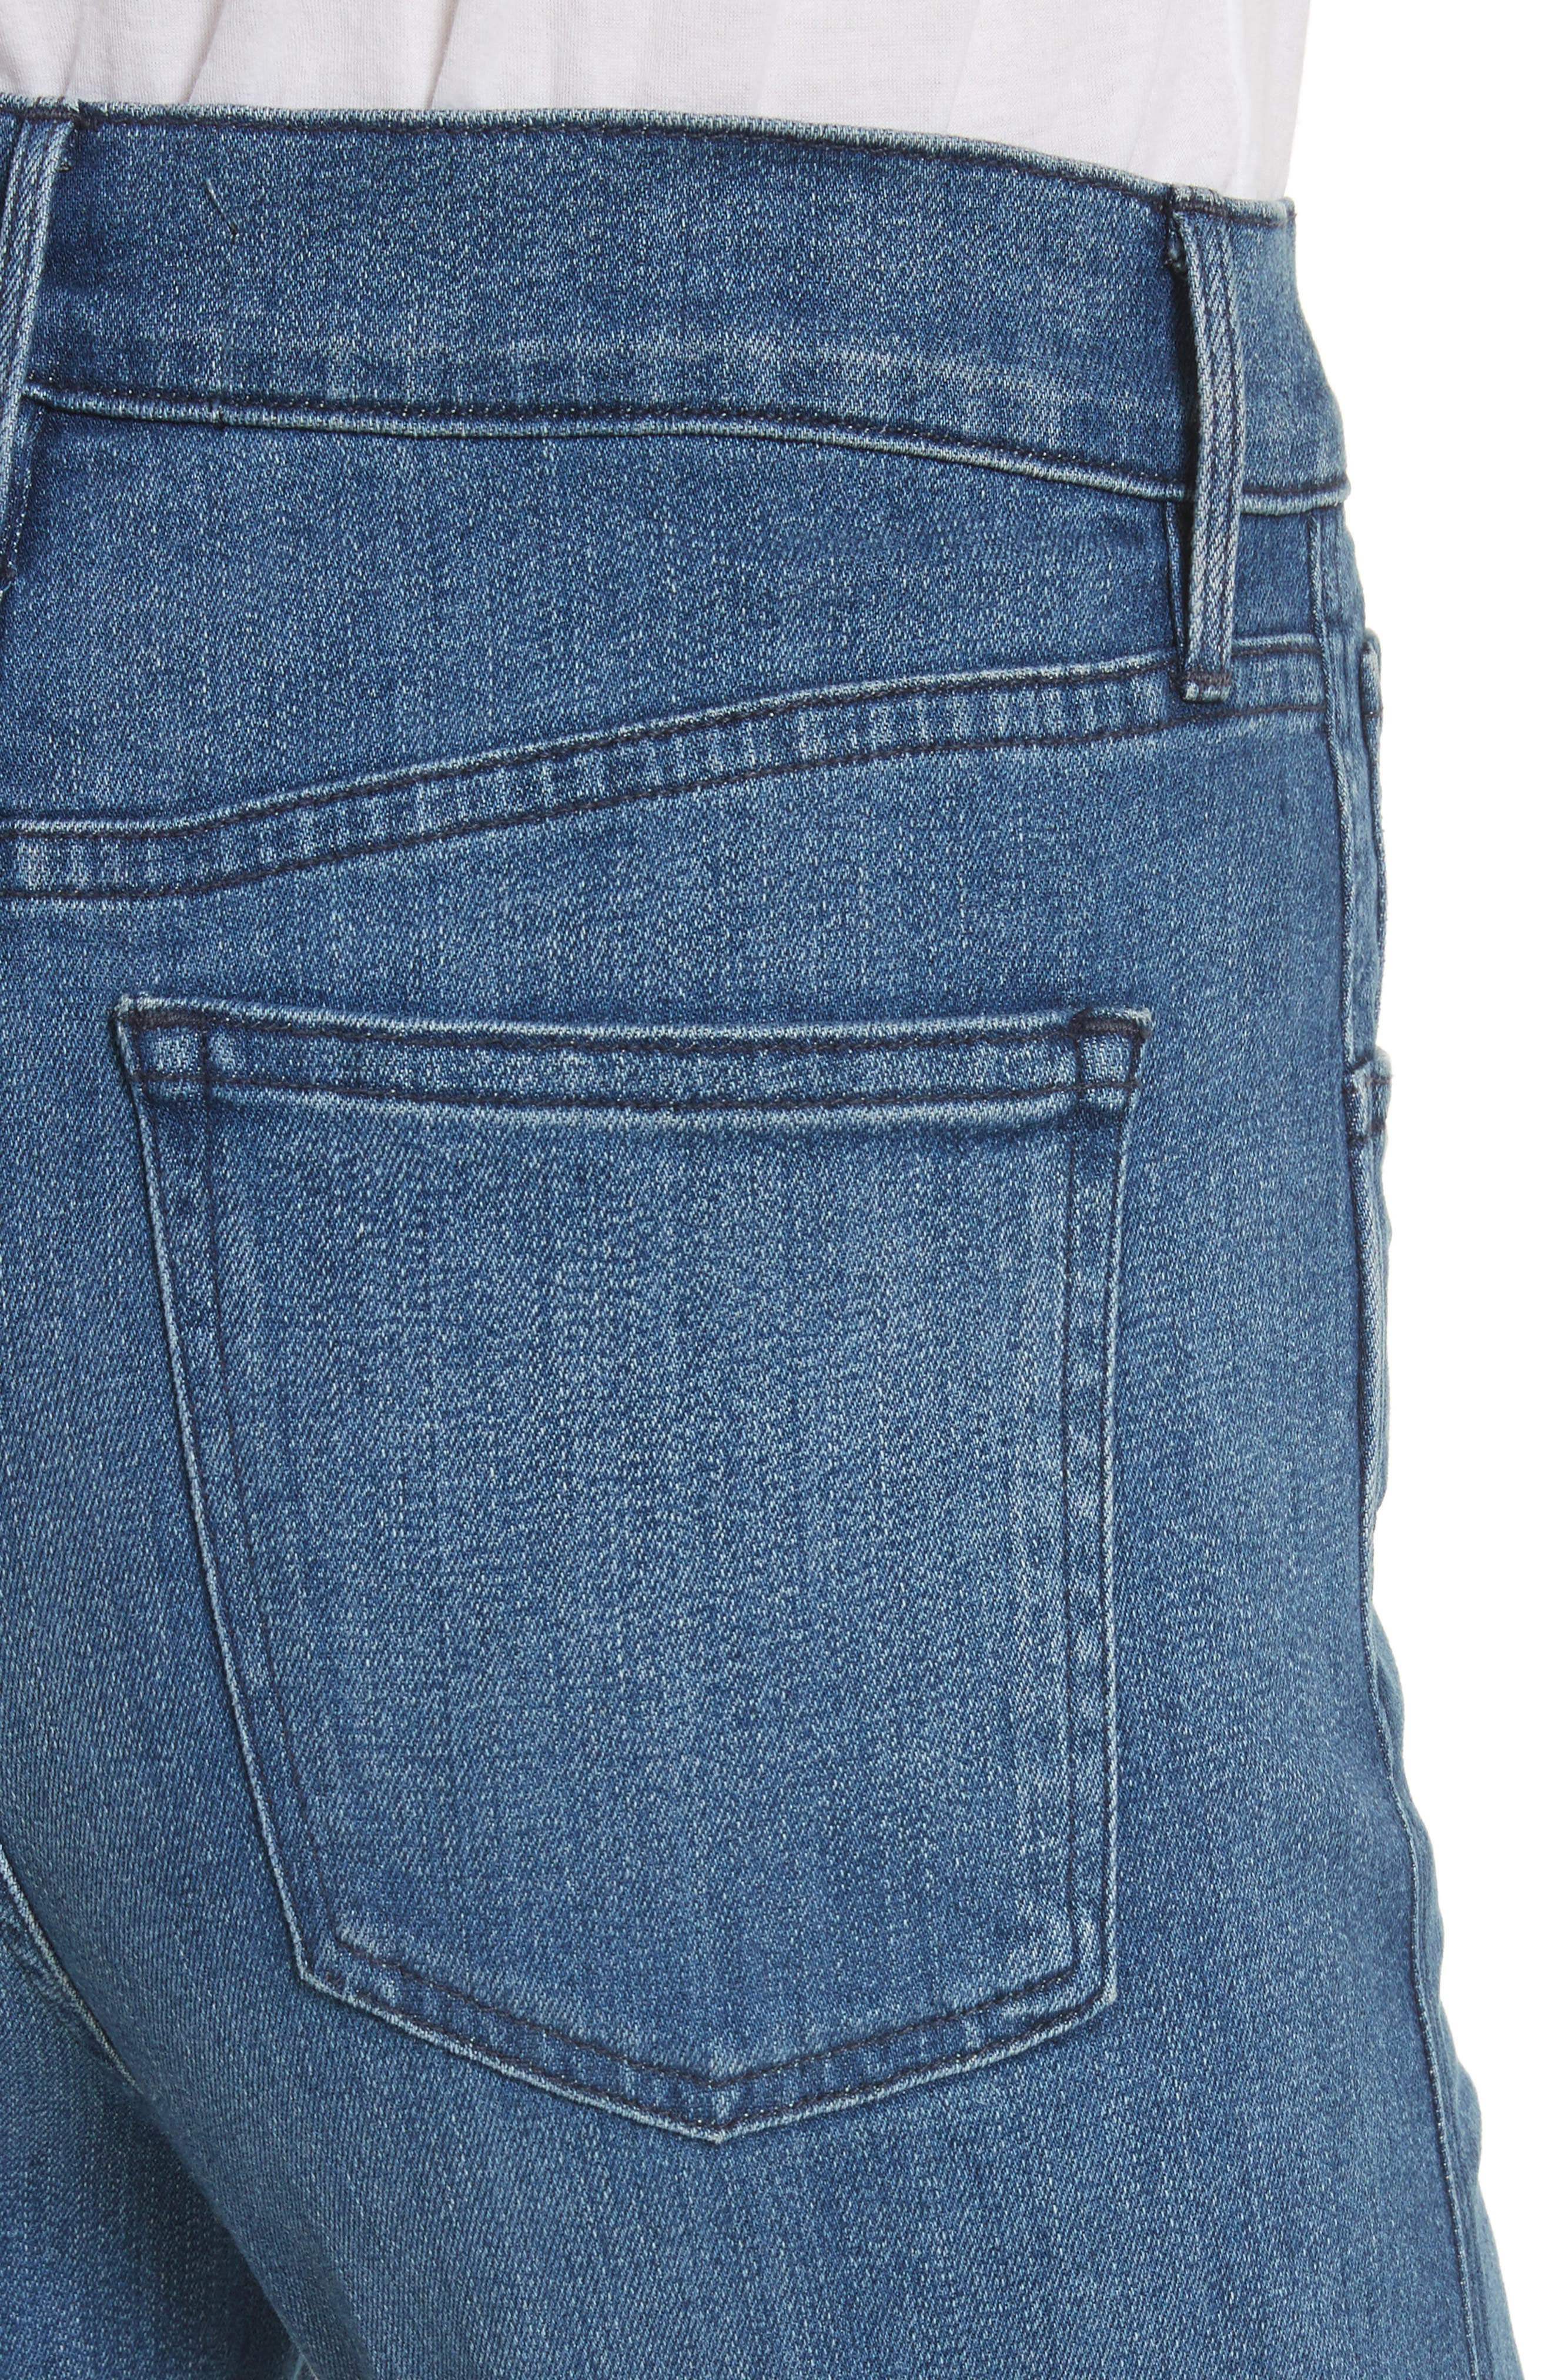 W4 Adeline High Waist Split Flare Jeans,                             Alternate thumbnail 4, color,                             426